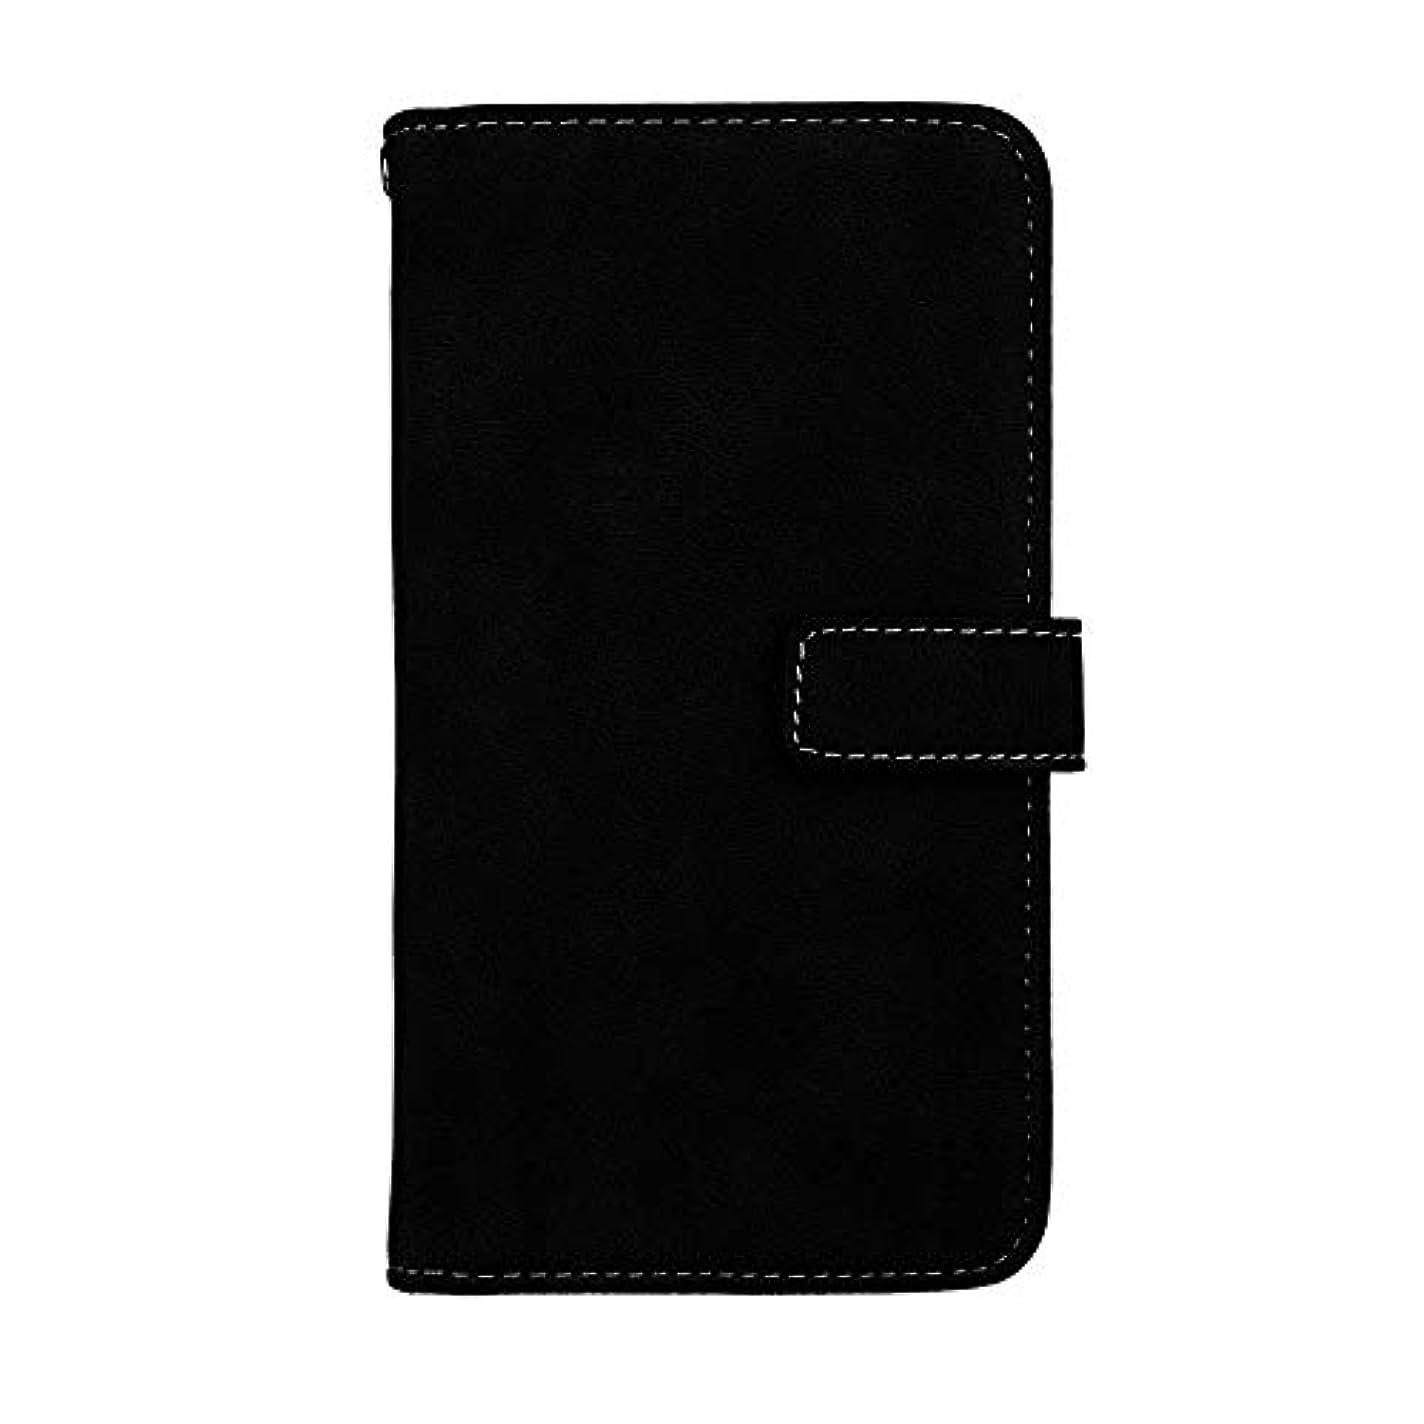 広告主色合いボーカルXiaomi Redmi Note 4X 高品質 マグネット ケース, CUNUS 携帯電話 ケース 軽量 柔軟 高品質 耐摩擦 カード収納 カバー Xiaomi Redmi Note 4X 用, ブラック